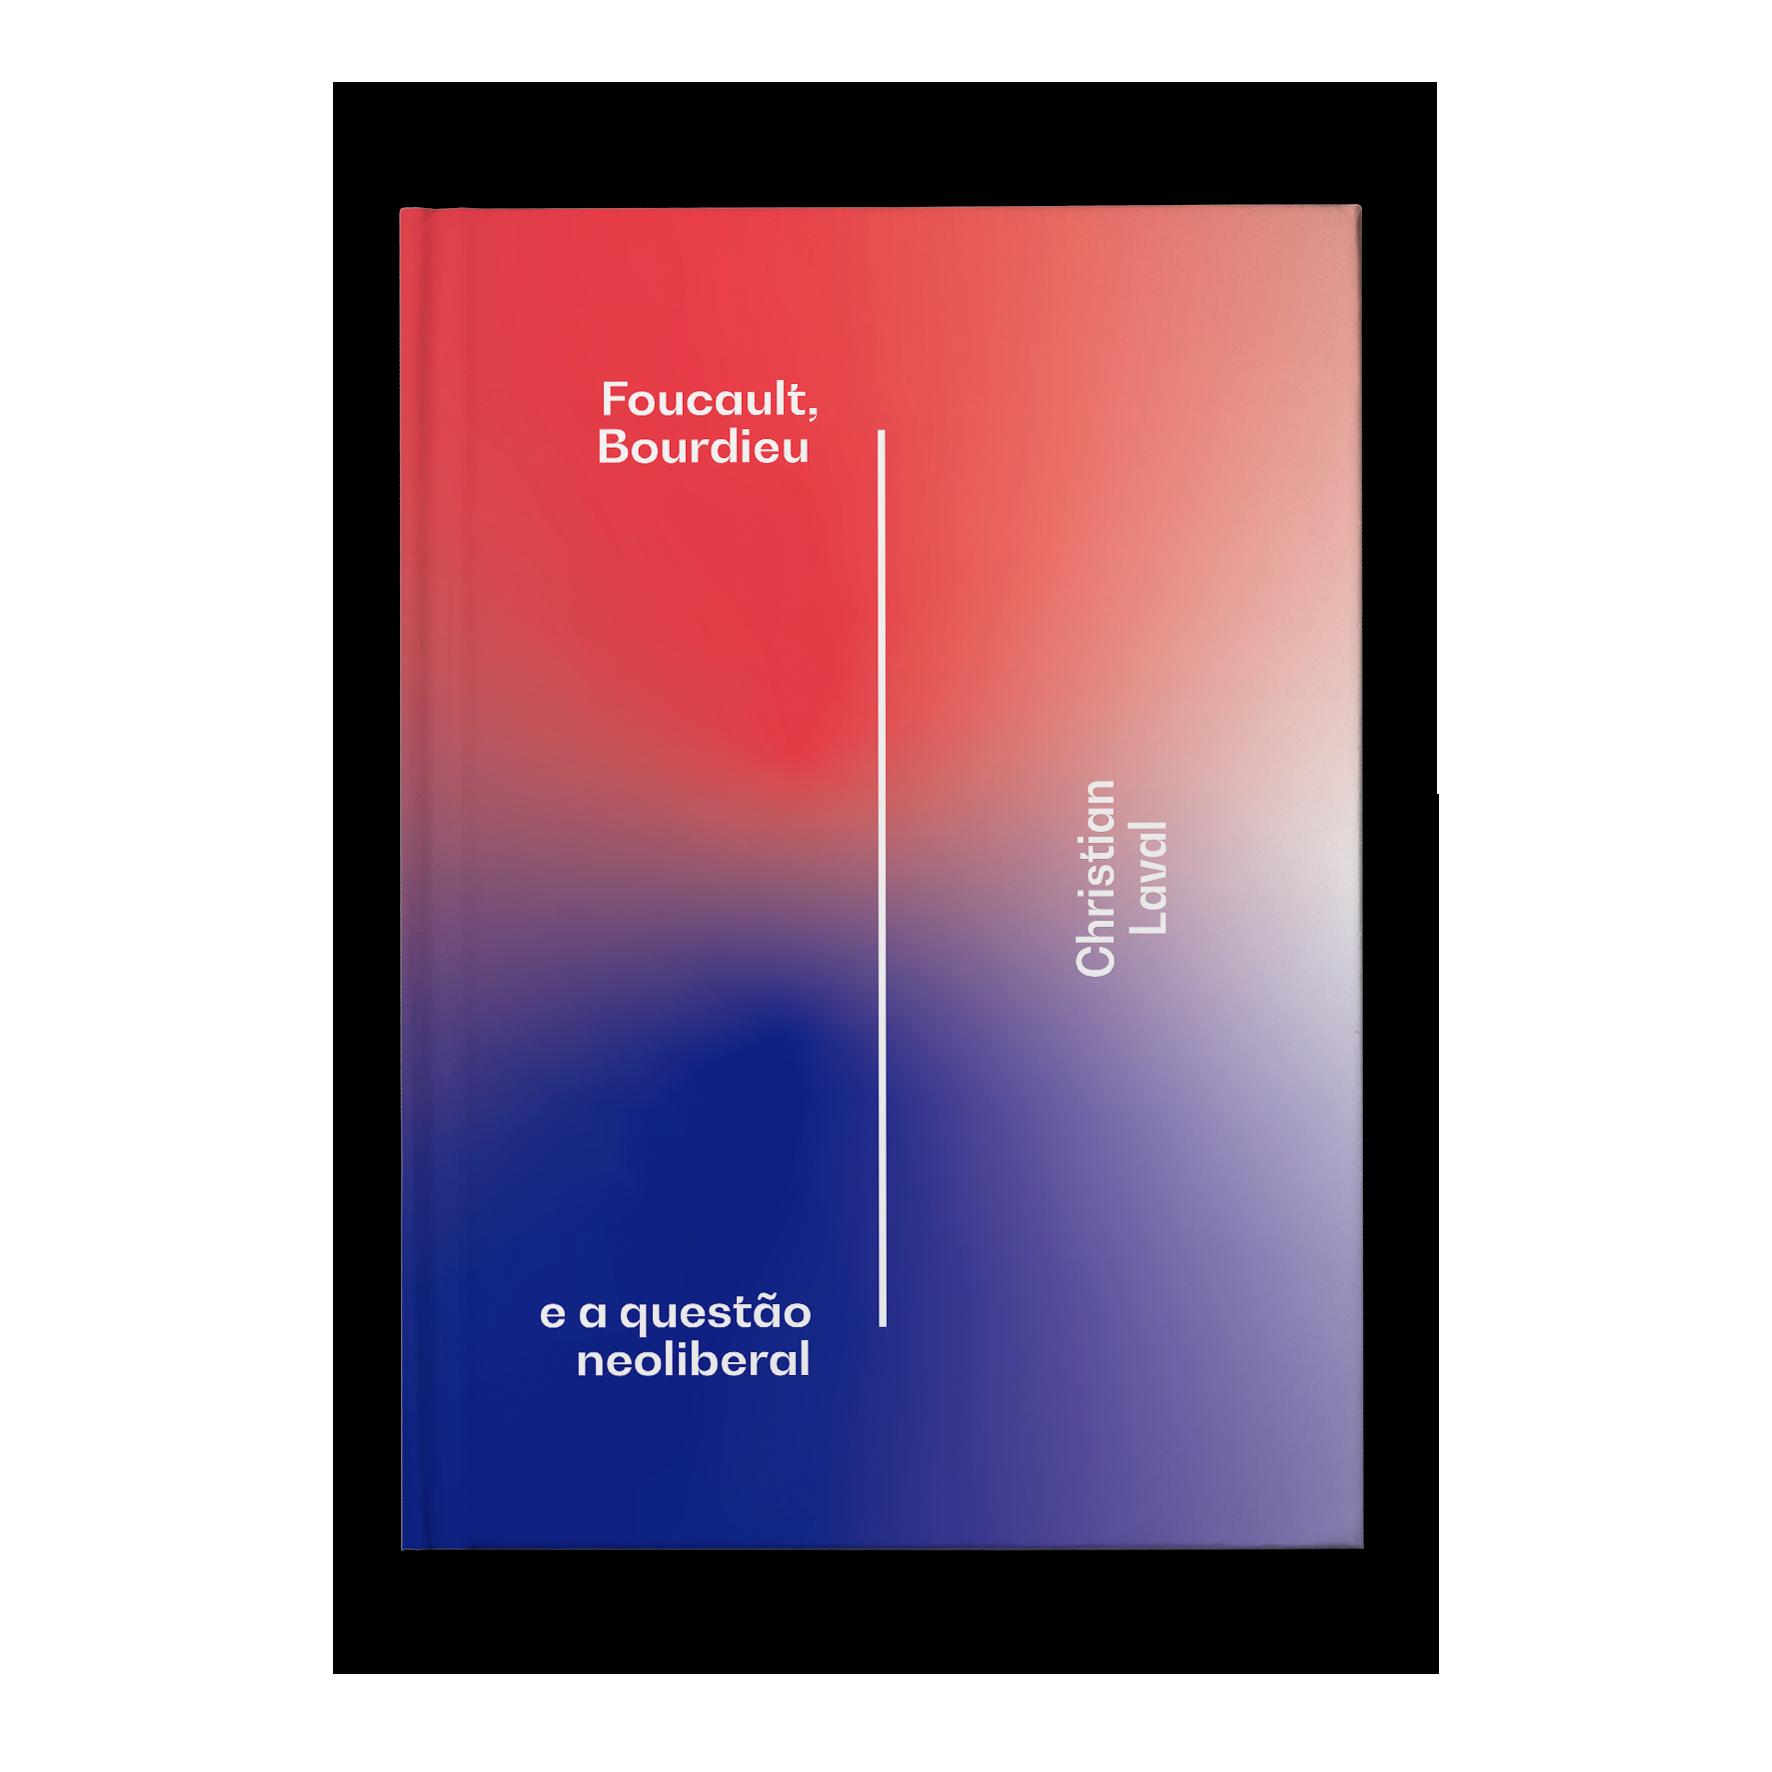 Foucault, Bourdieu e a questão neoliberal – Christian Laval